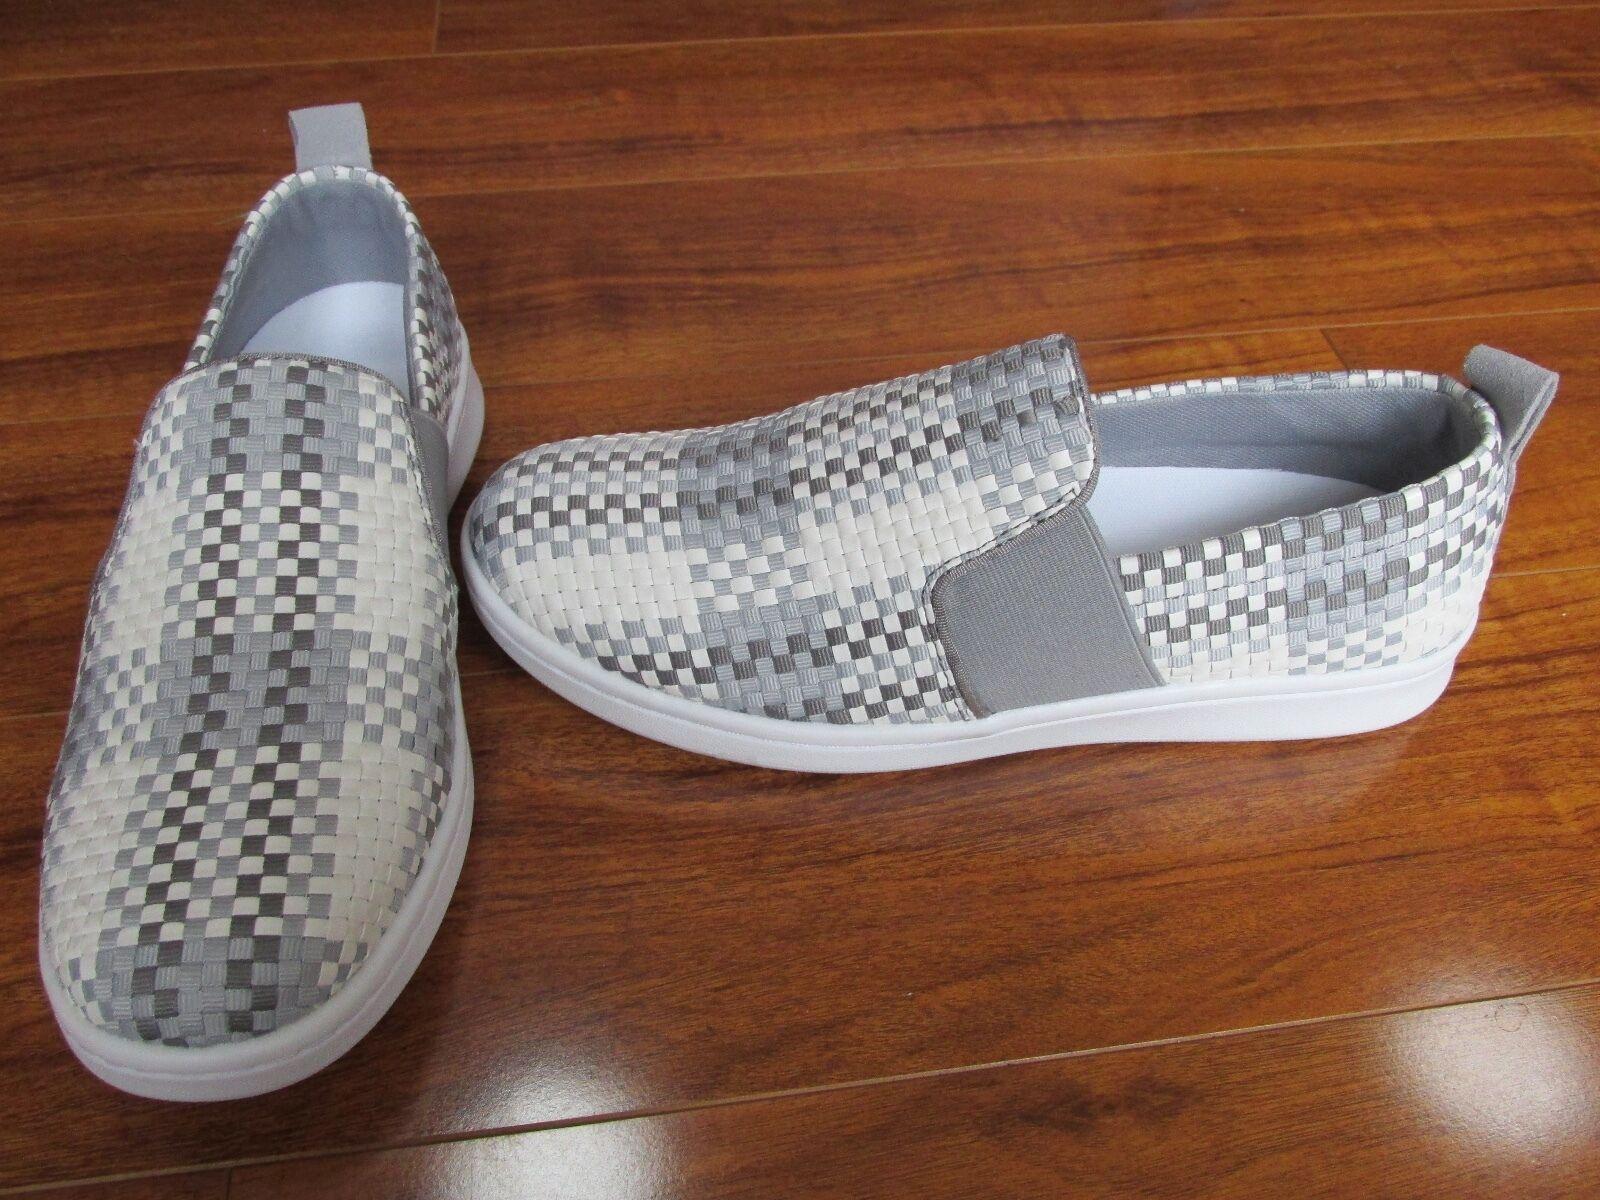 NEW ED Ellen DeGeneres Carlene 2 Pelle Slip-On Scarpe da Ginnastica Donna 11 Grey White